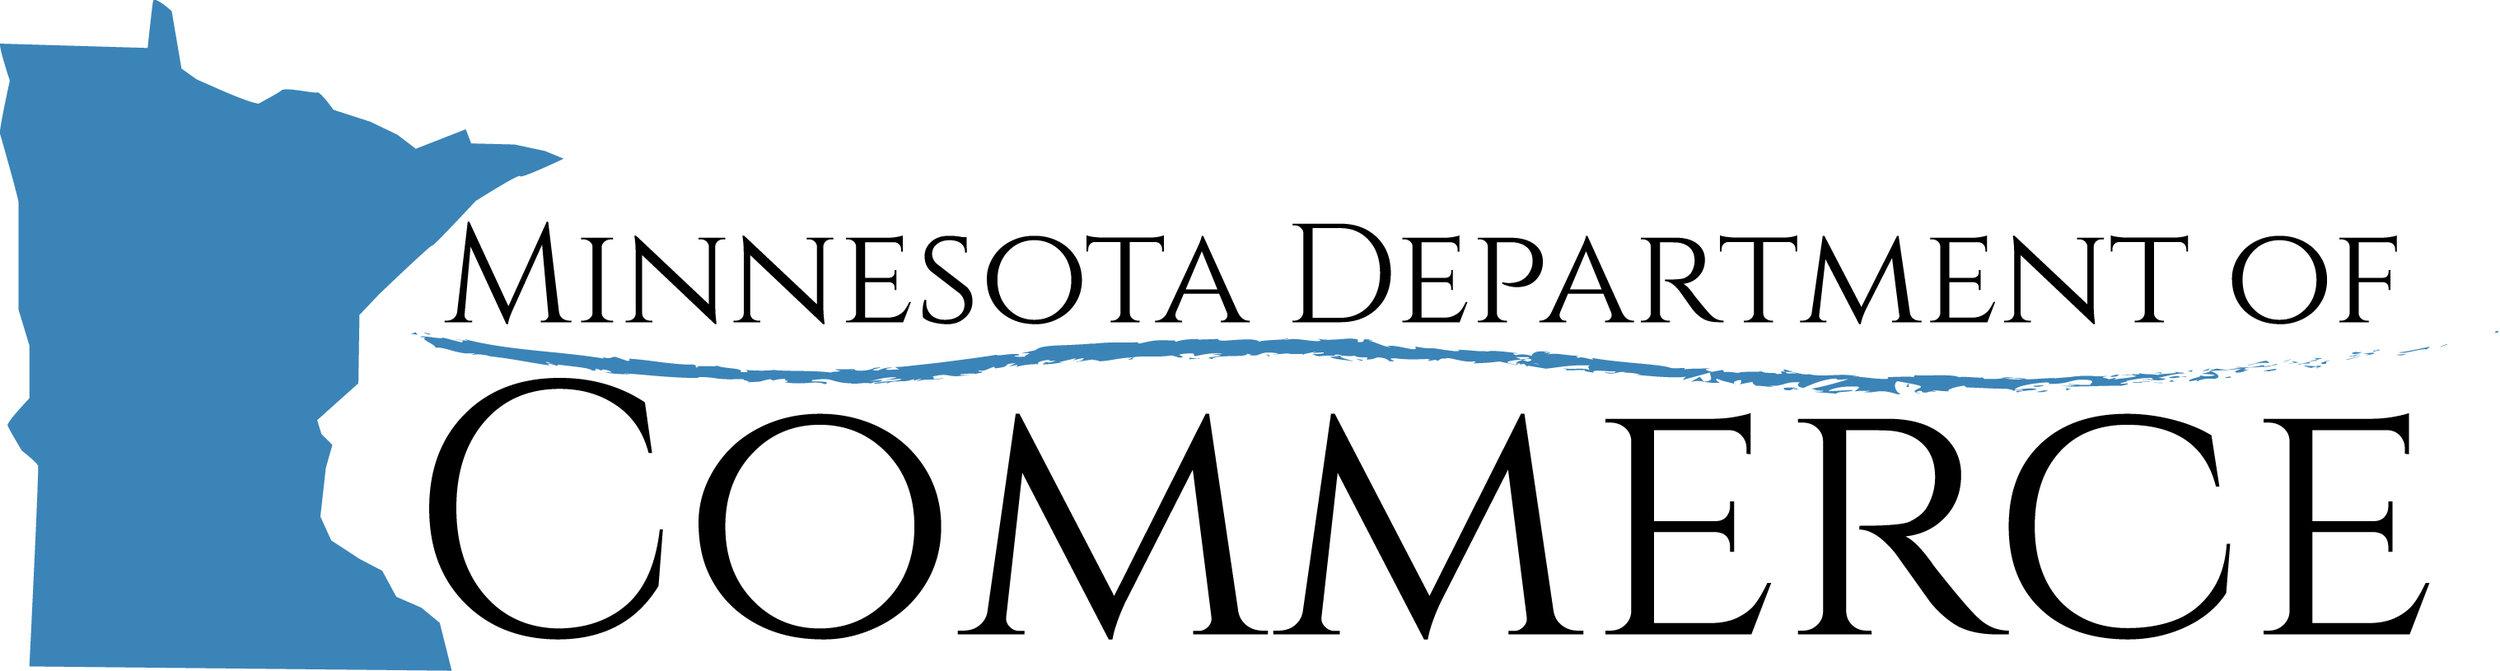 Mn Department of Commerce.jpg